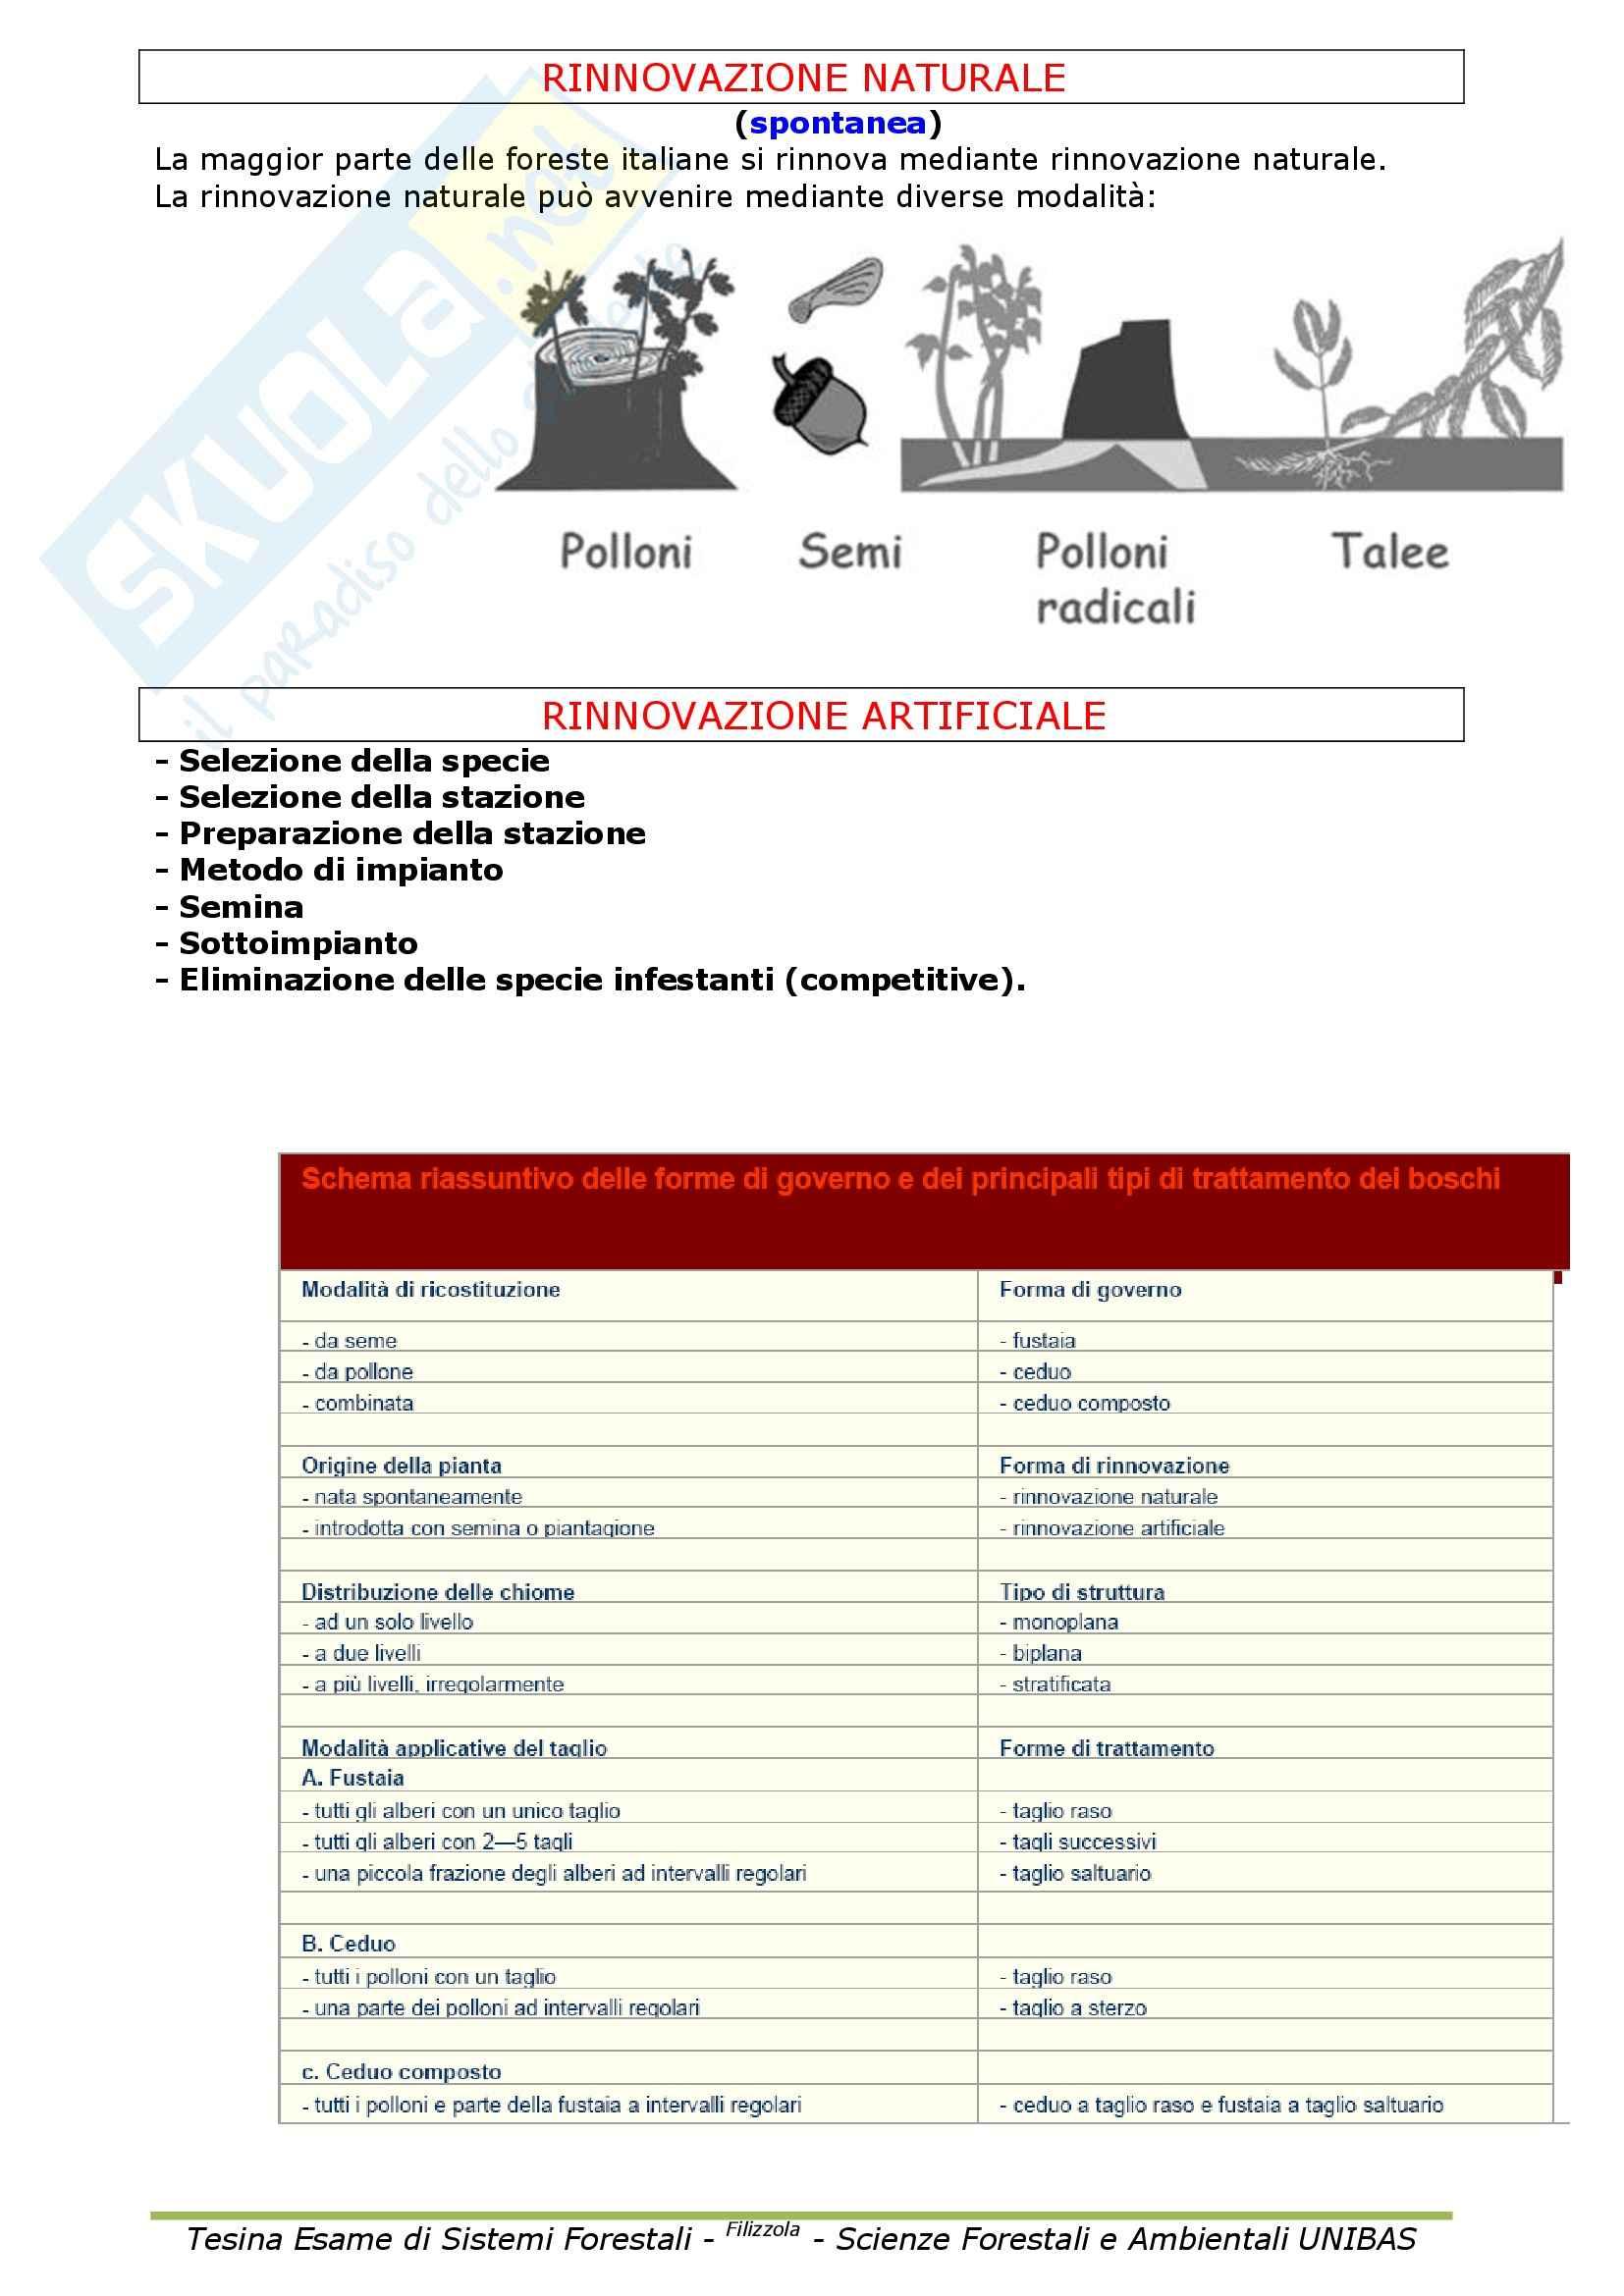 Selvicoltura generale e sistemi forestali - Appunti Pag. 21